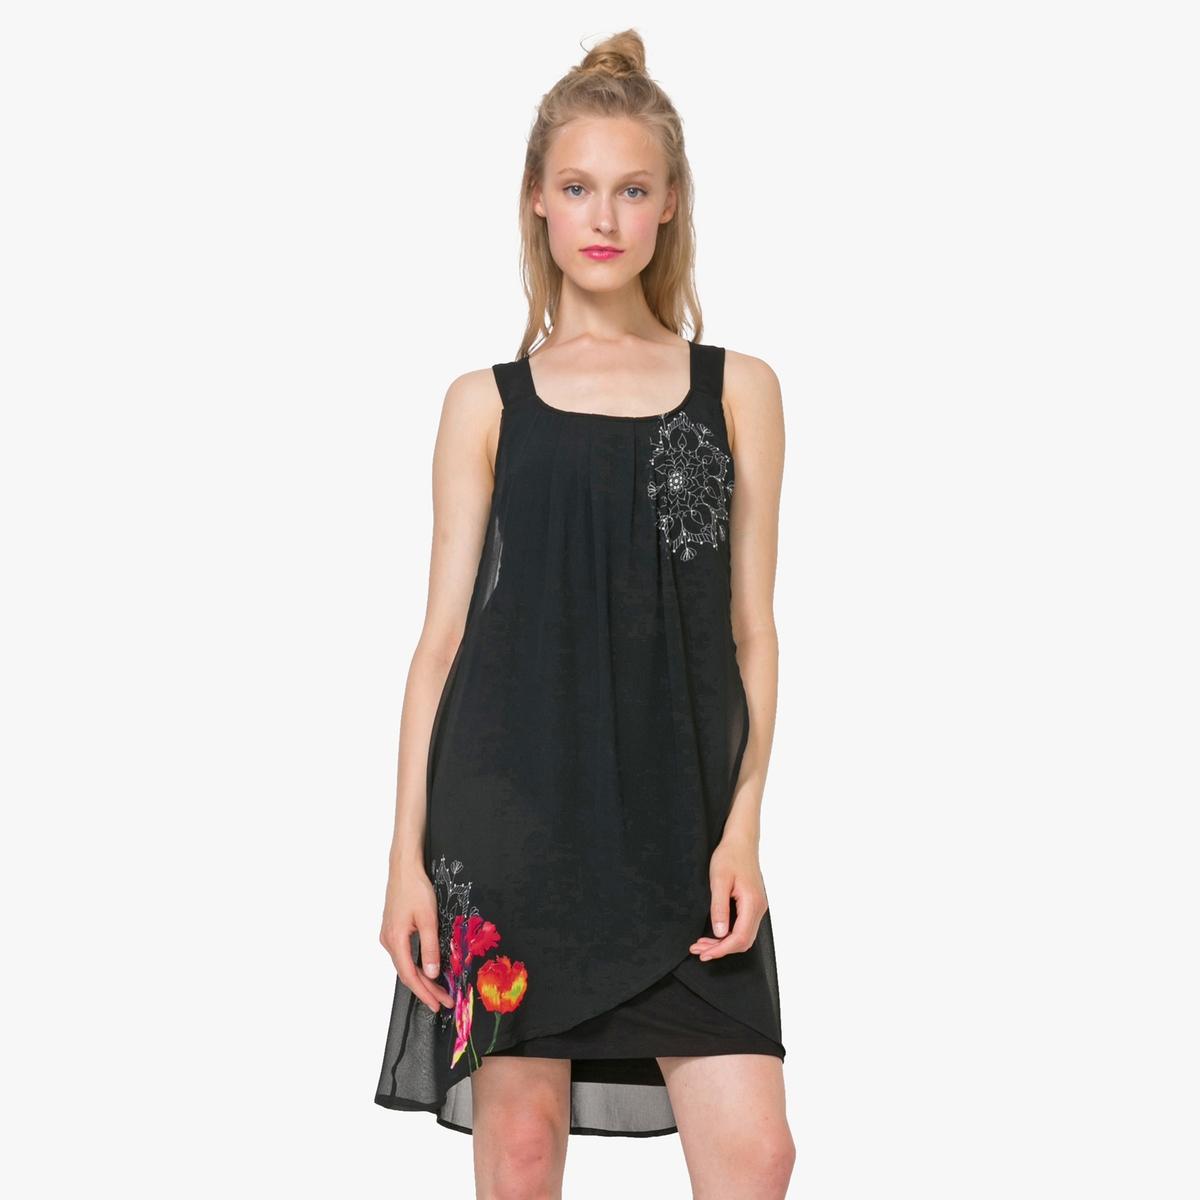 Платье с бретелями с цветочным рисункомДетали  •  Форма : прямая •  Короткое •  Тонкие бретели    •  Без воротника •  Рисунок спередиСостав и уход •  100% полиэстер •  Следуйте советам по уходу, указанным на этикетке<br><br>Цвет: черный<br>Размер: 42 (FR) - 48 (RUS)